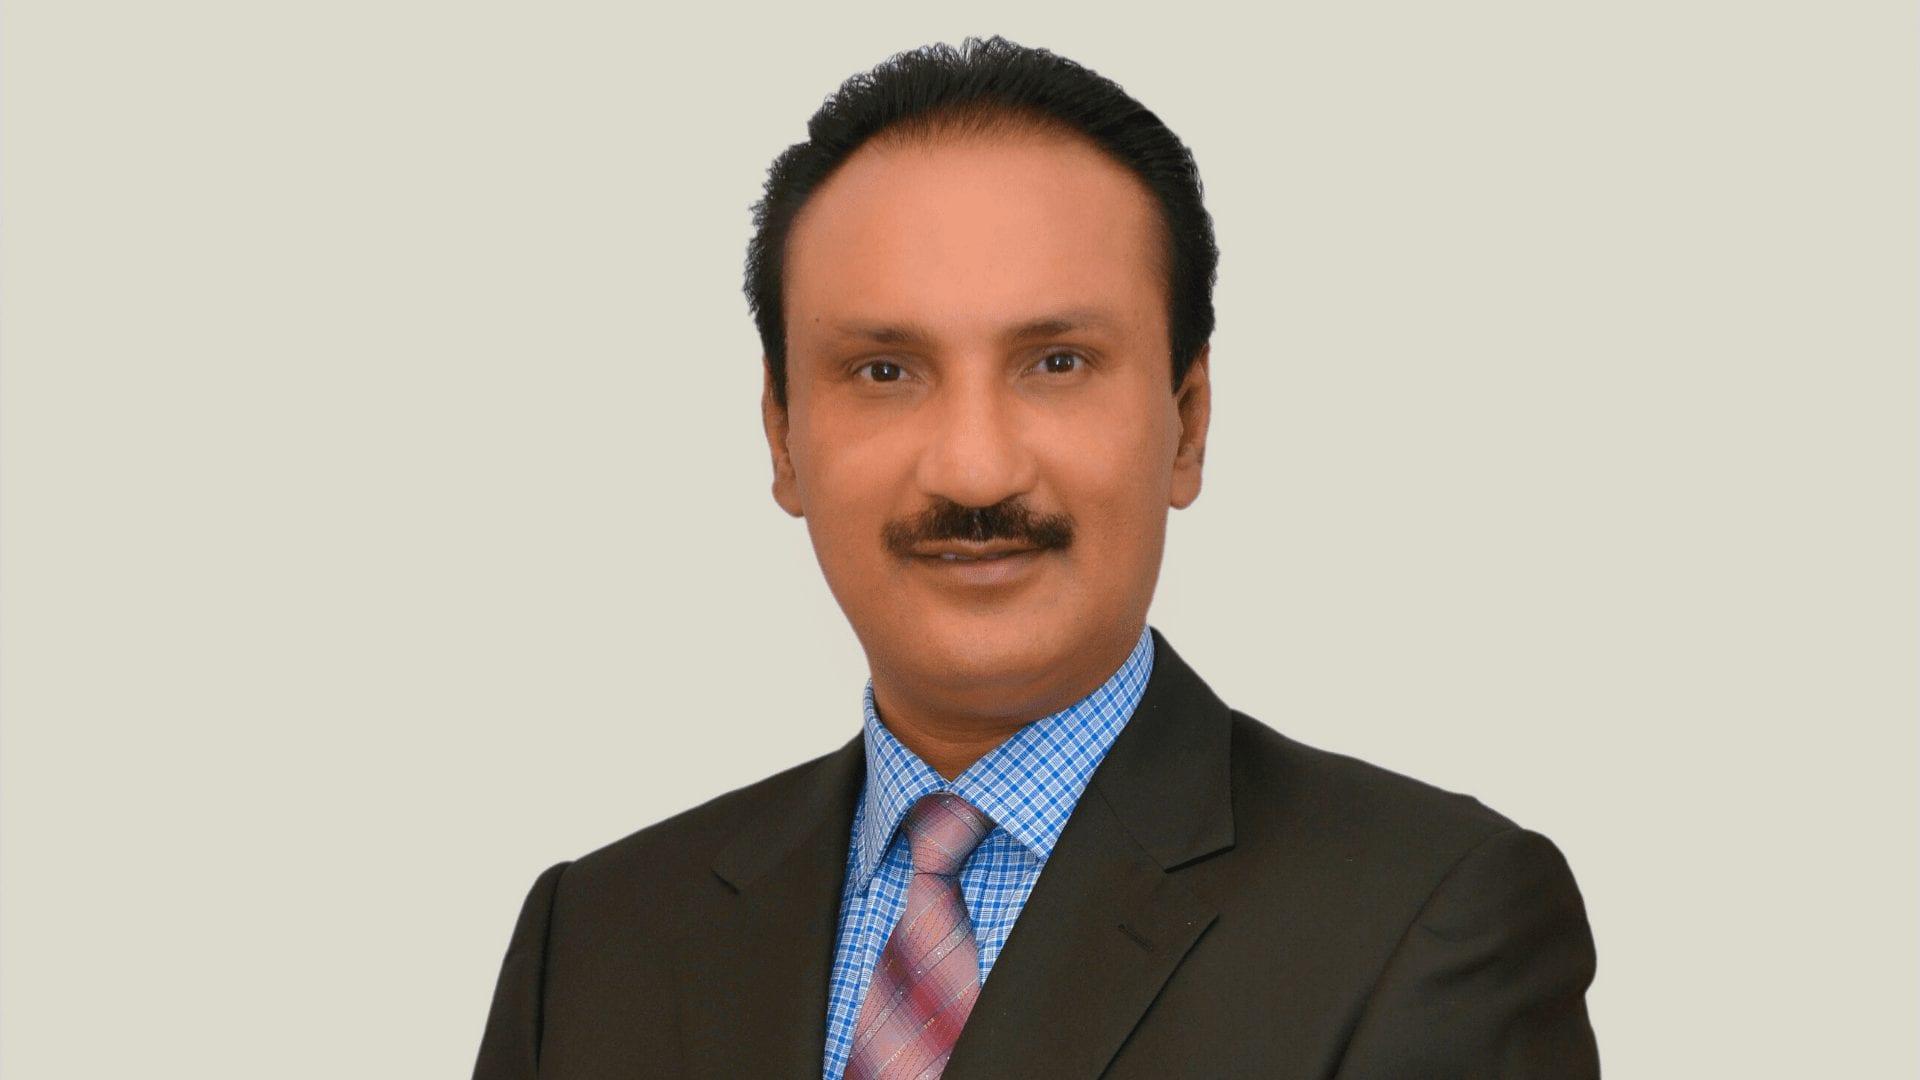 Mohamed Zackiriah Nazeer Ahamed